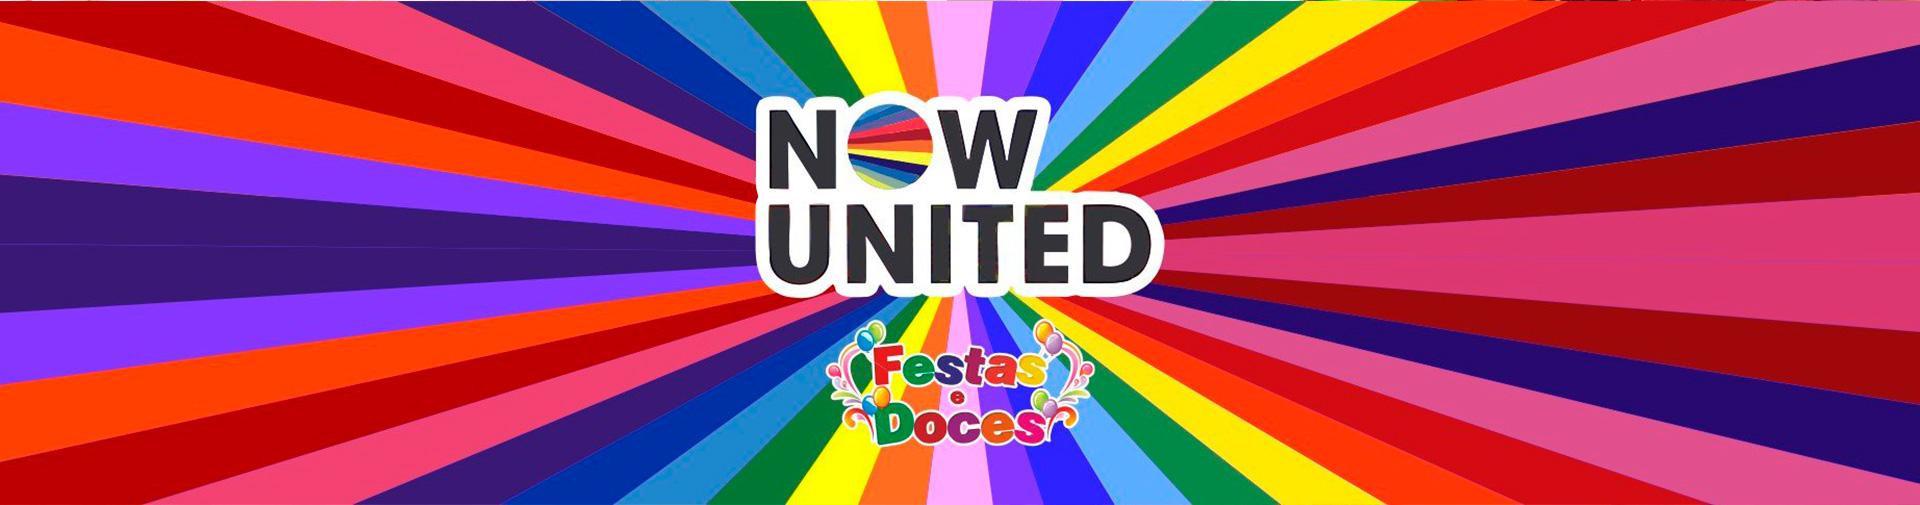 full-now-united